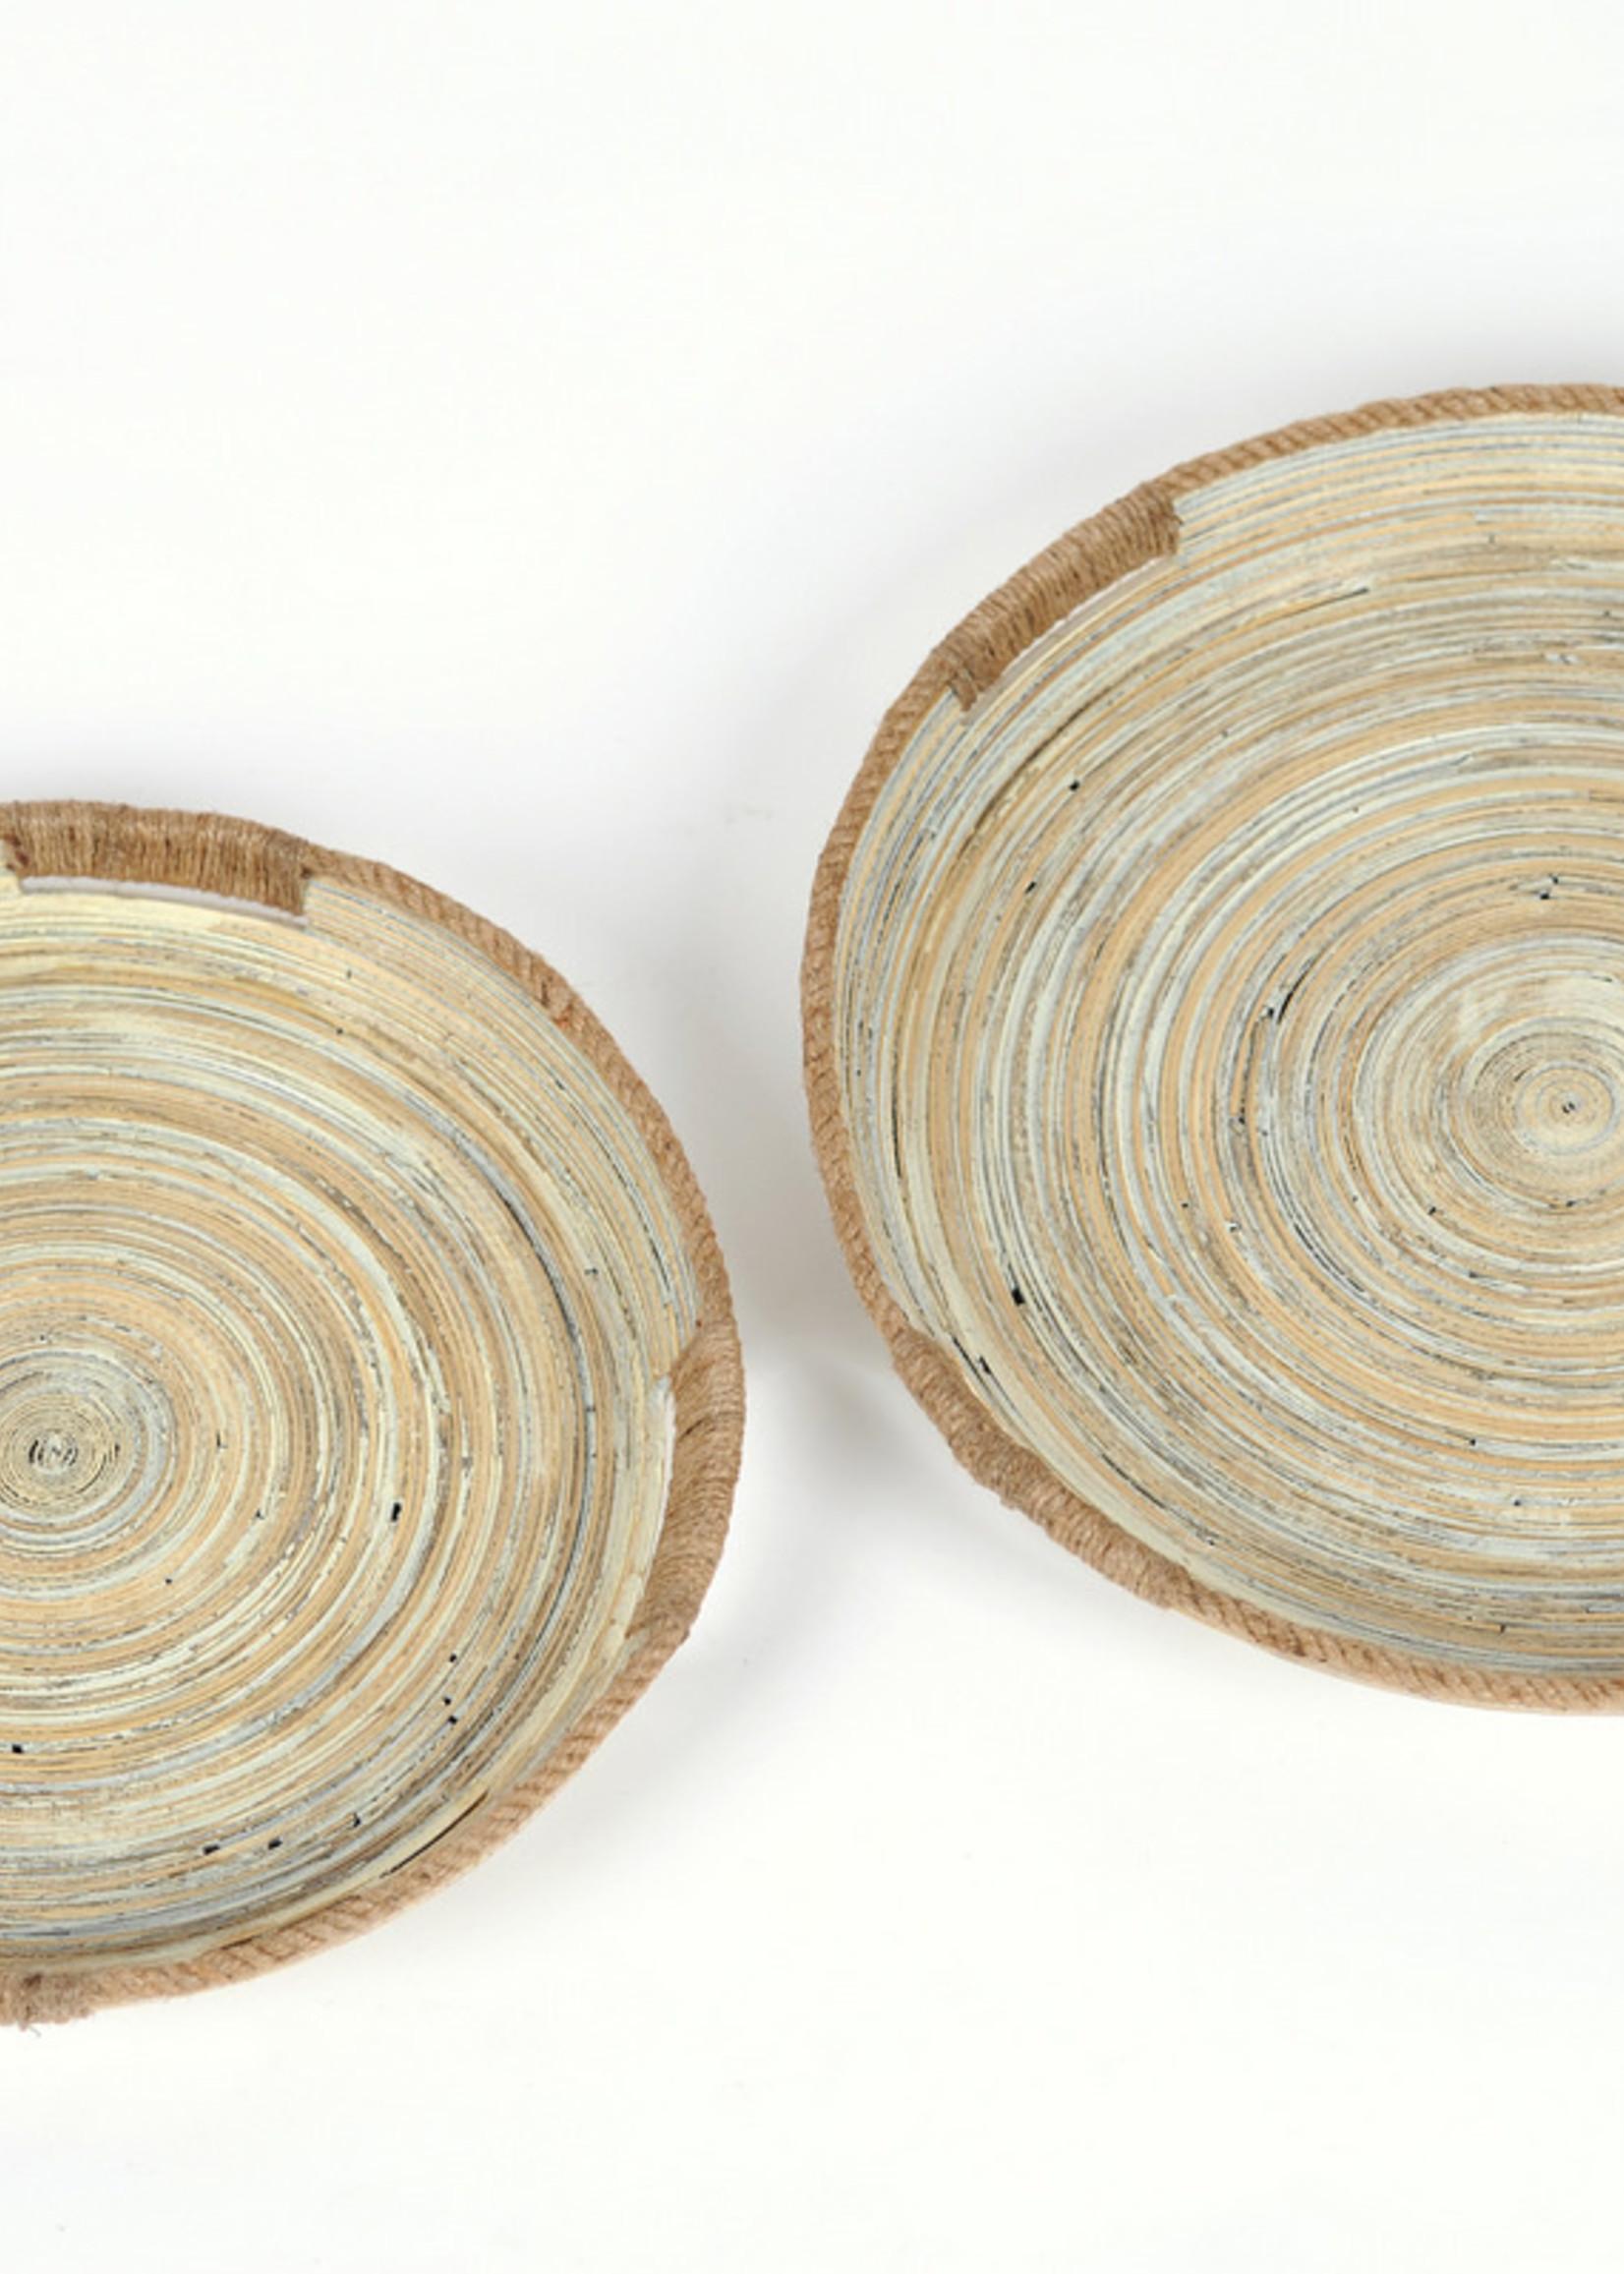 RASTELI Decoschaal bamboo en jutte set van 2